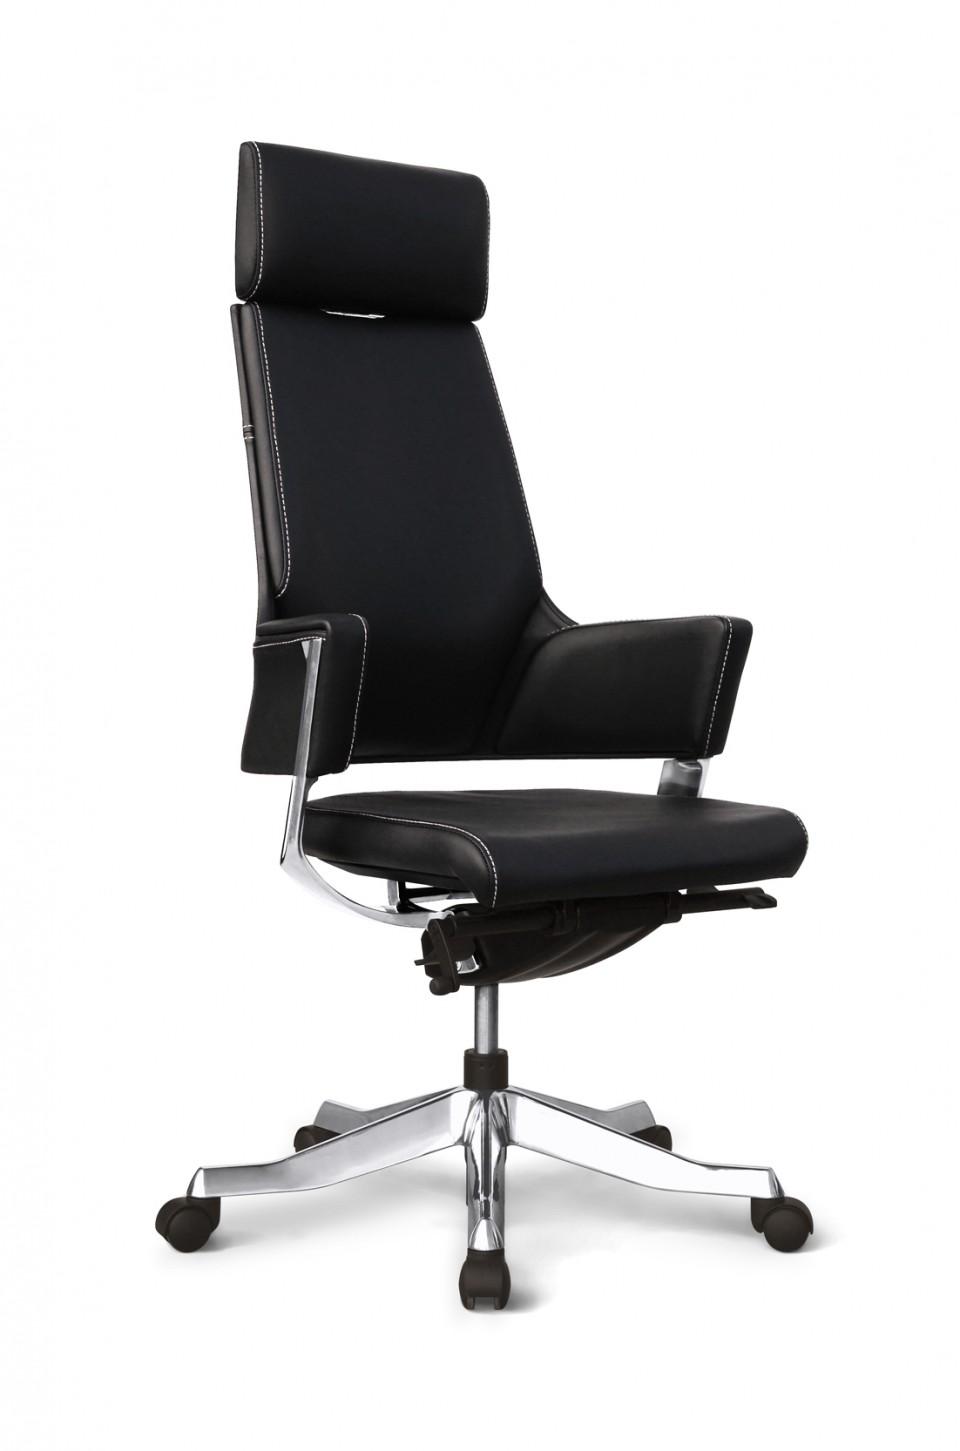 fauteuil de direction cuir top achat fauteuils de direction 840 00